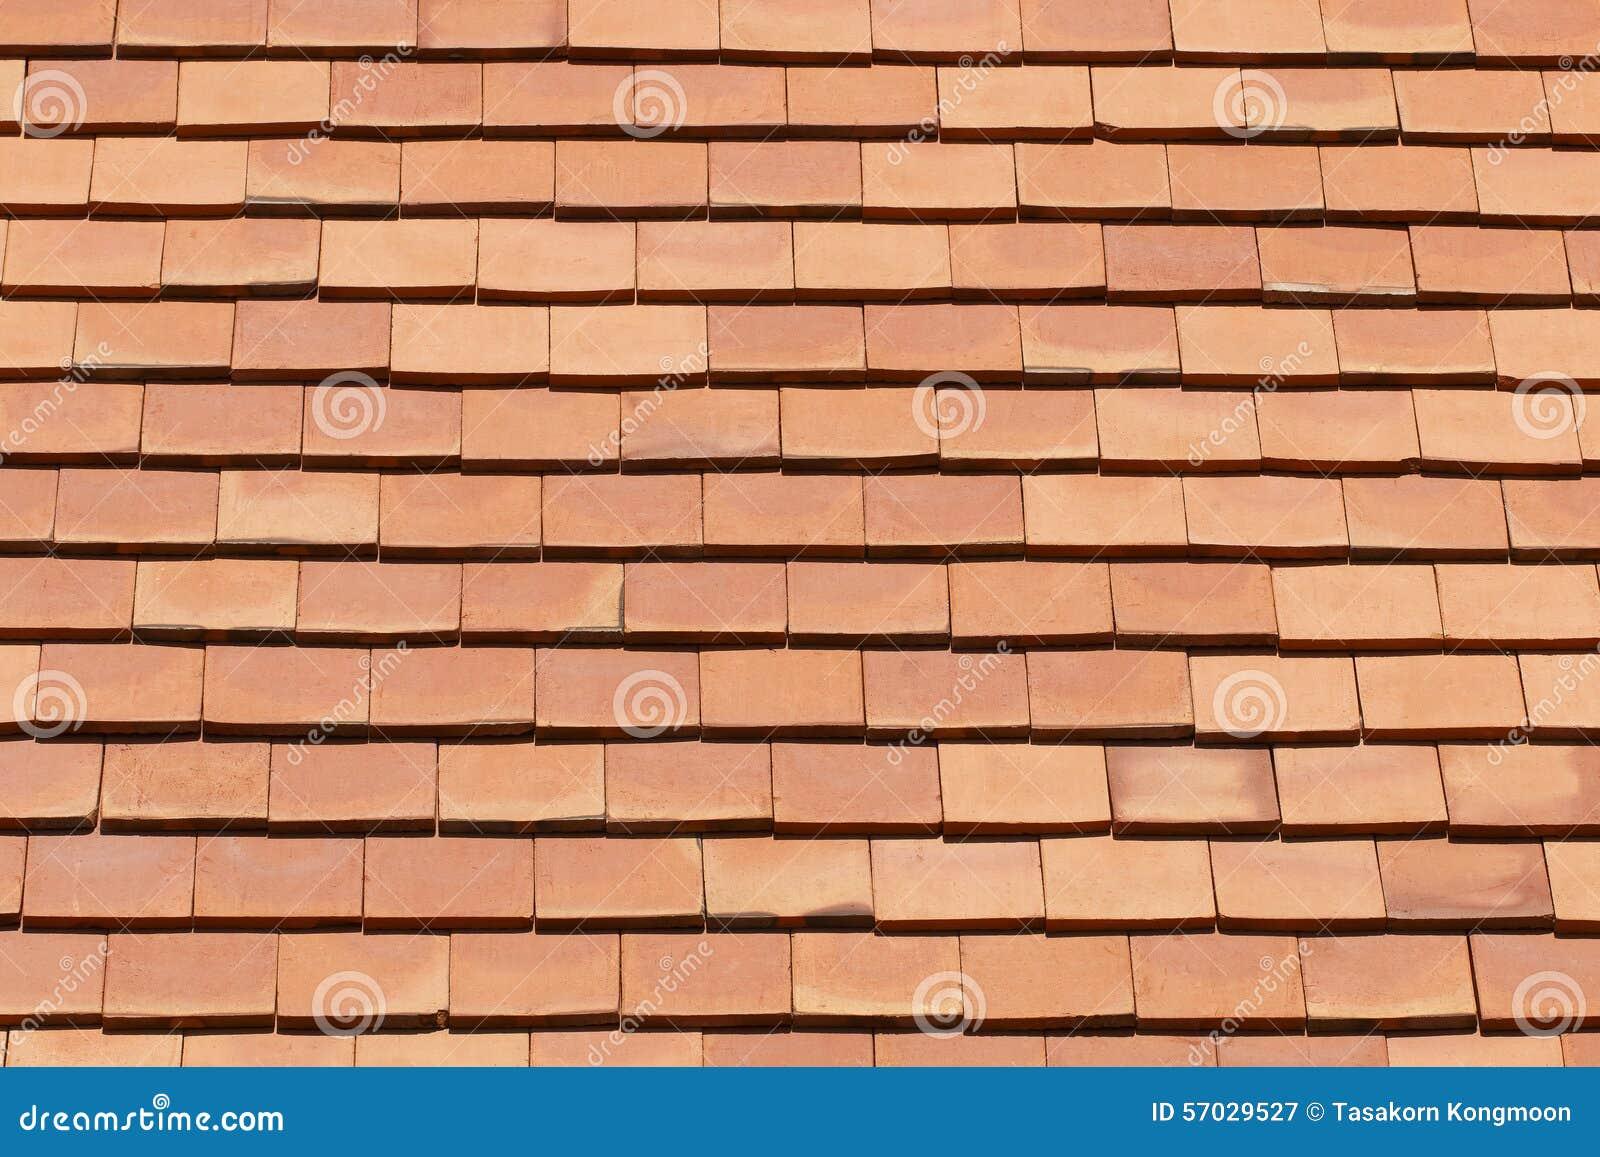 tuile de toit orange carr e pour le mod le photo stock image 57029527. Black Bedroom Furniture Sets. Home Design Ideas